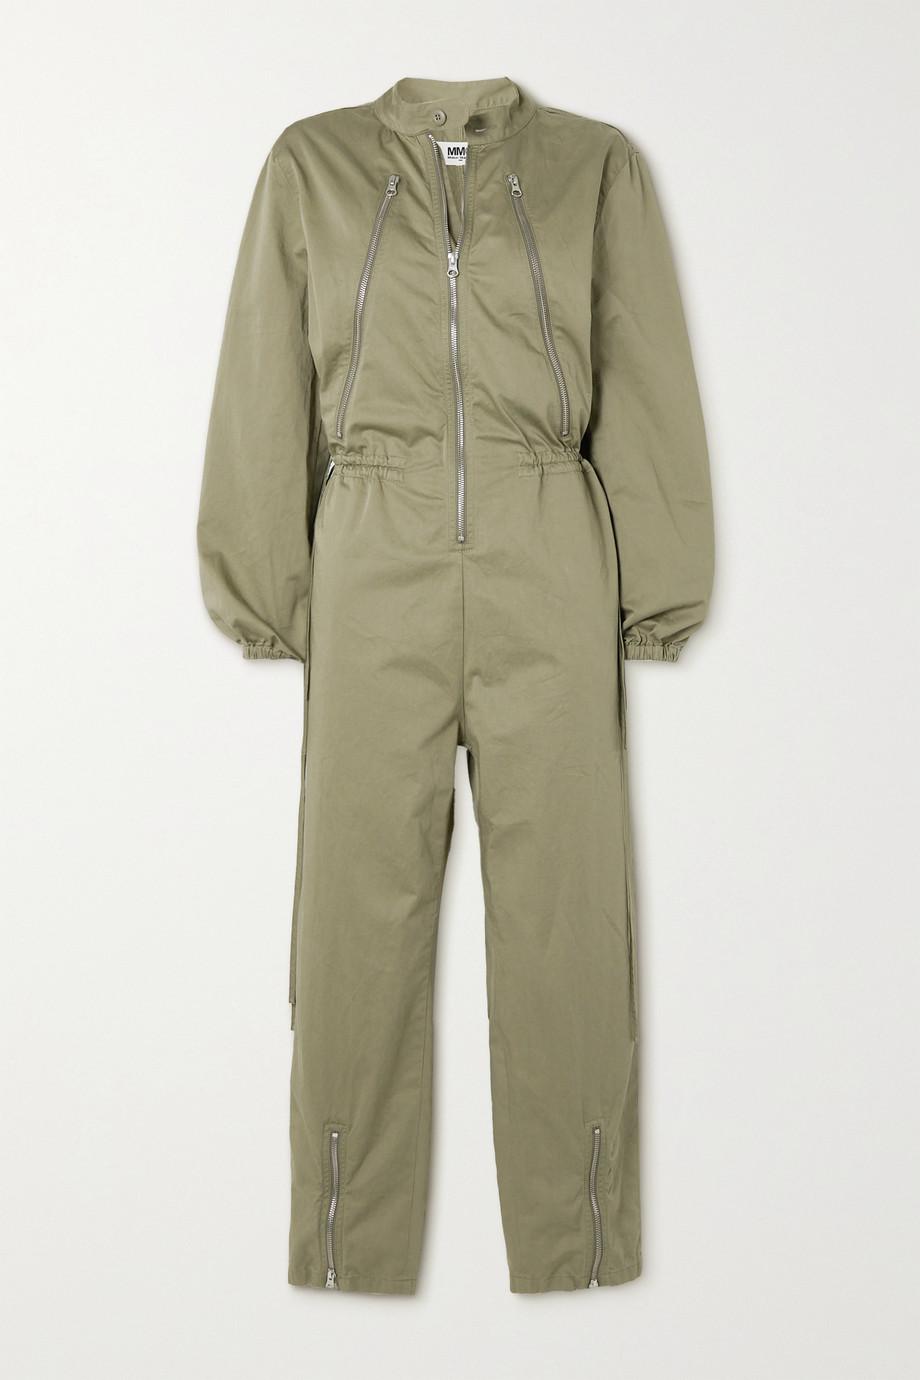 MM6 Maison Margiela Combi-pantalon en coton à fermetures à glissière